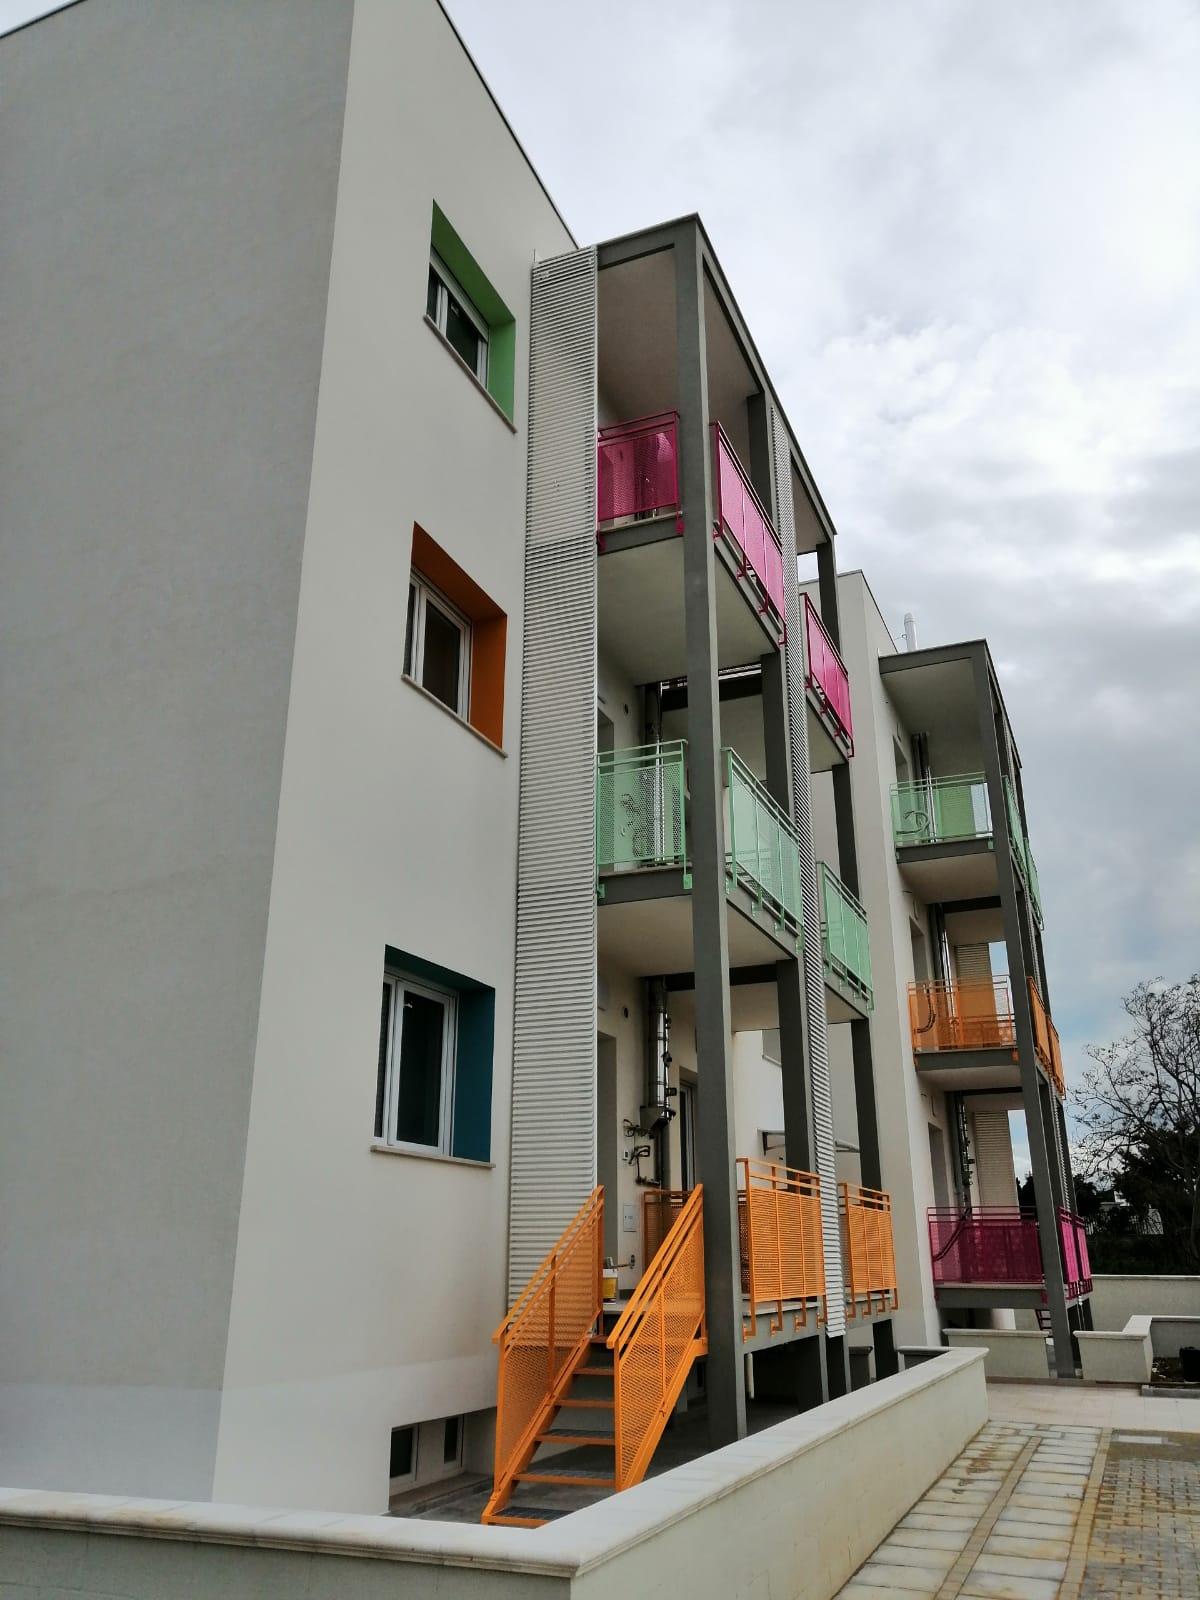 Coperture frangisole per balconi con lamelle in alluminio - Bari, Brindisi, Puglia - 4